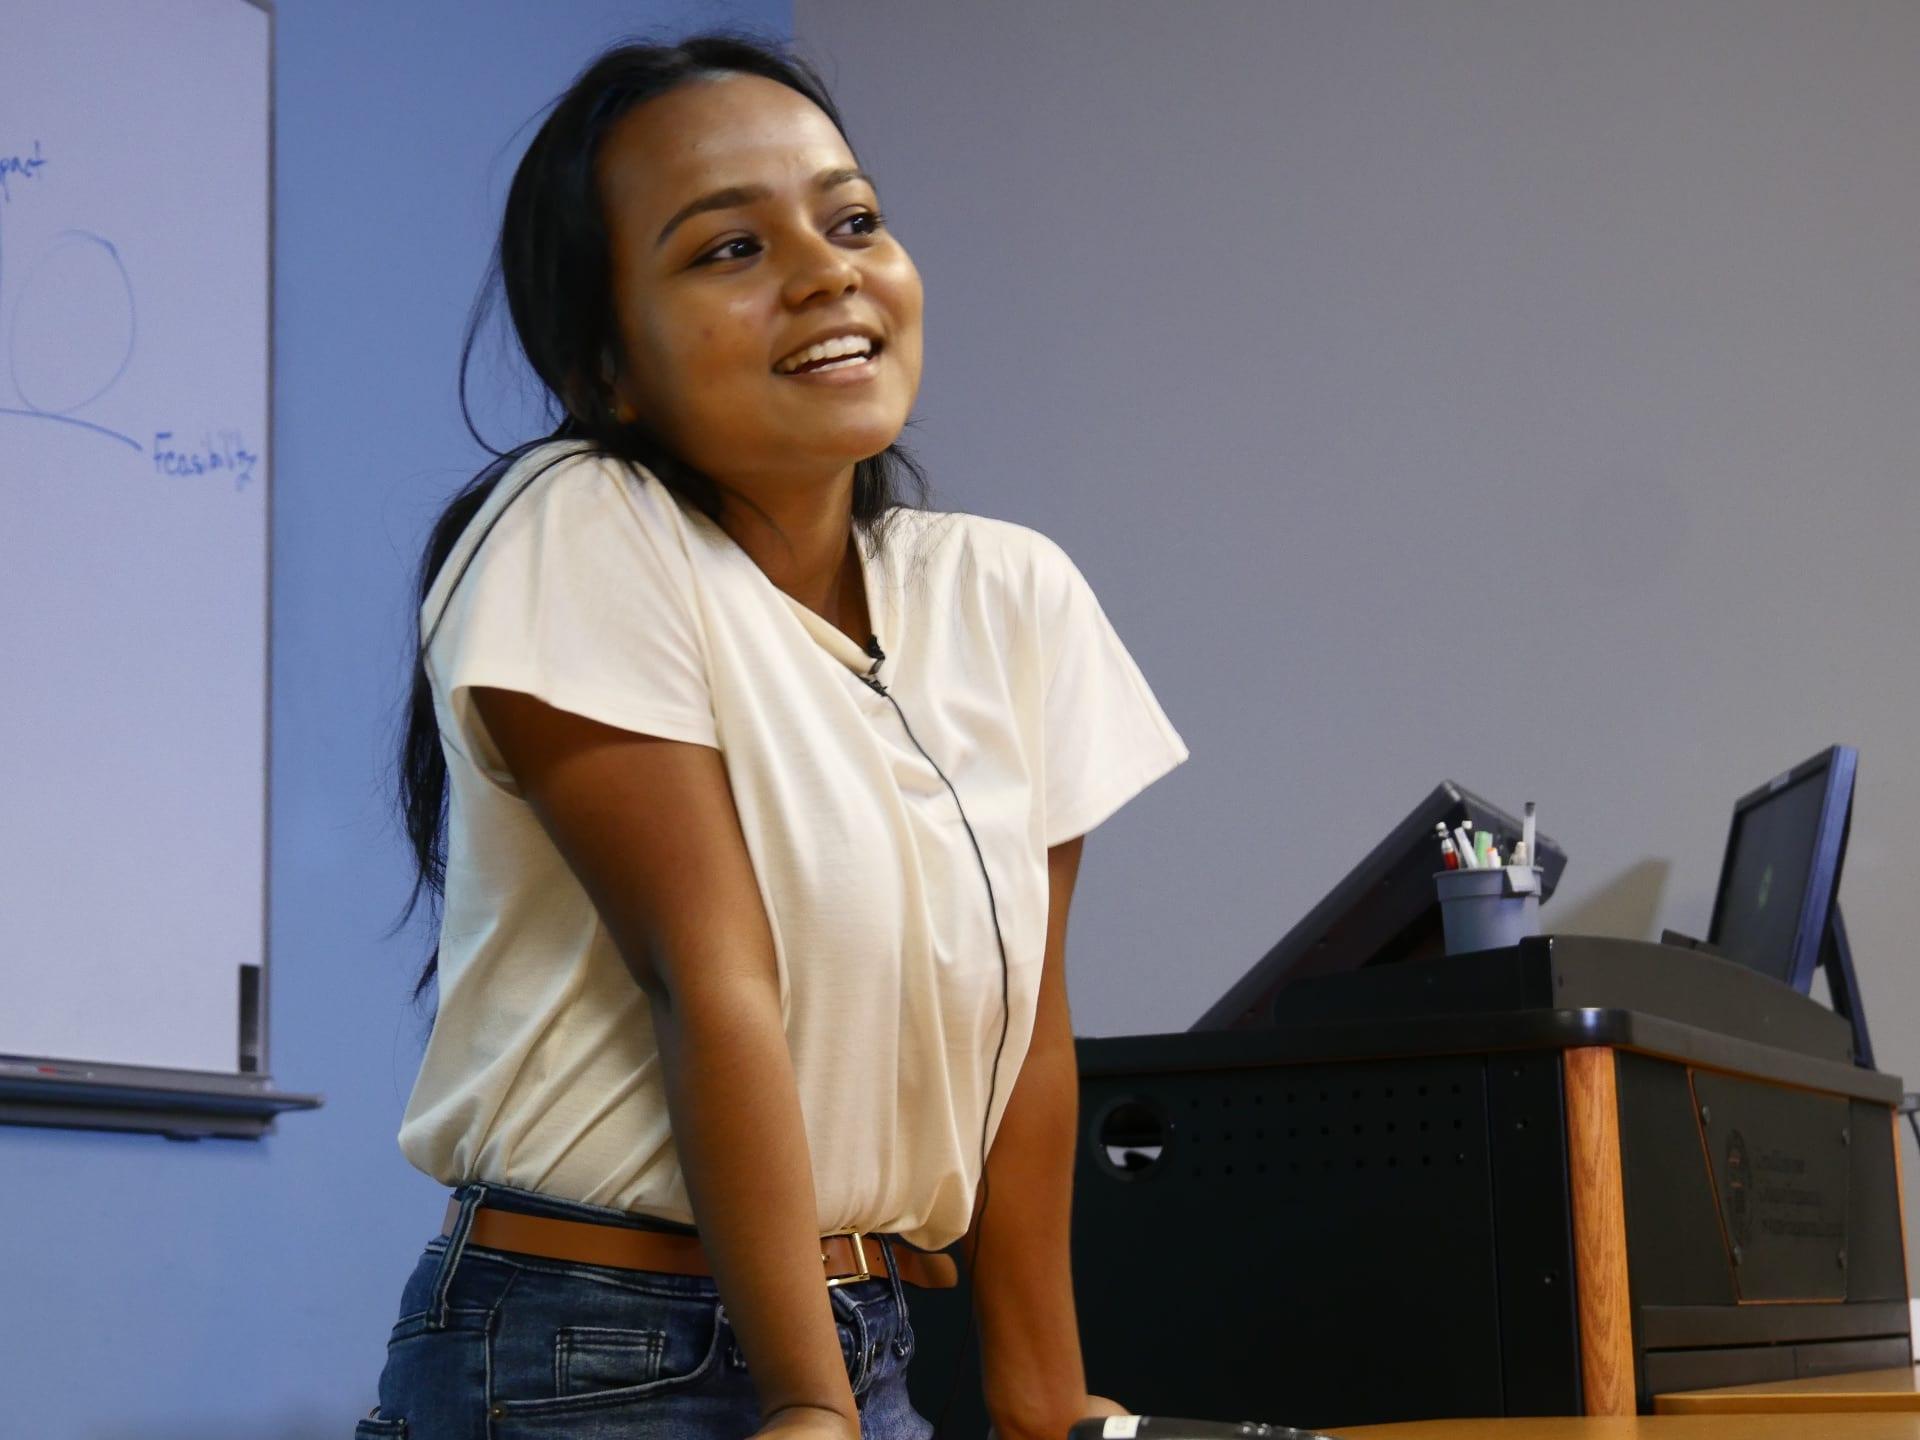 2018 REU undergrad, Sayeeda Jahin Aishee